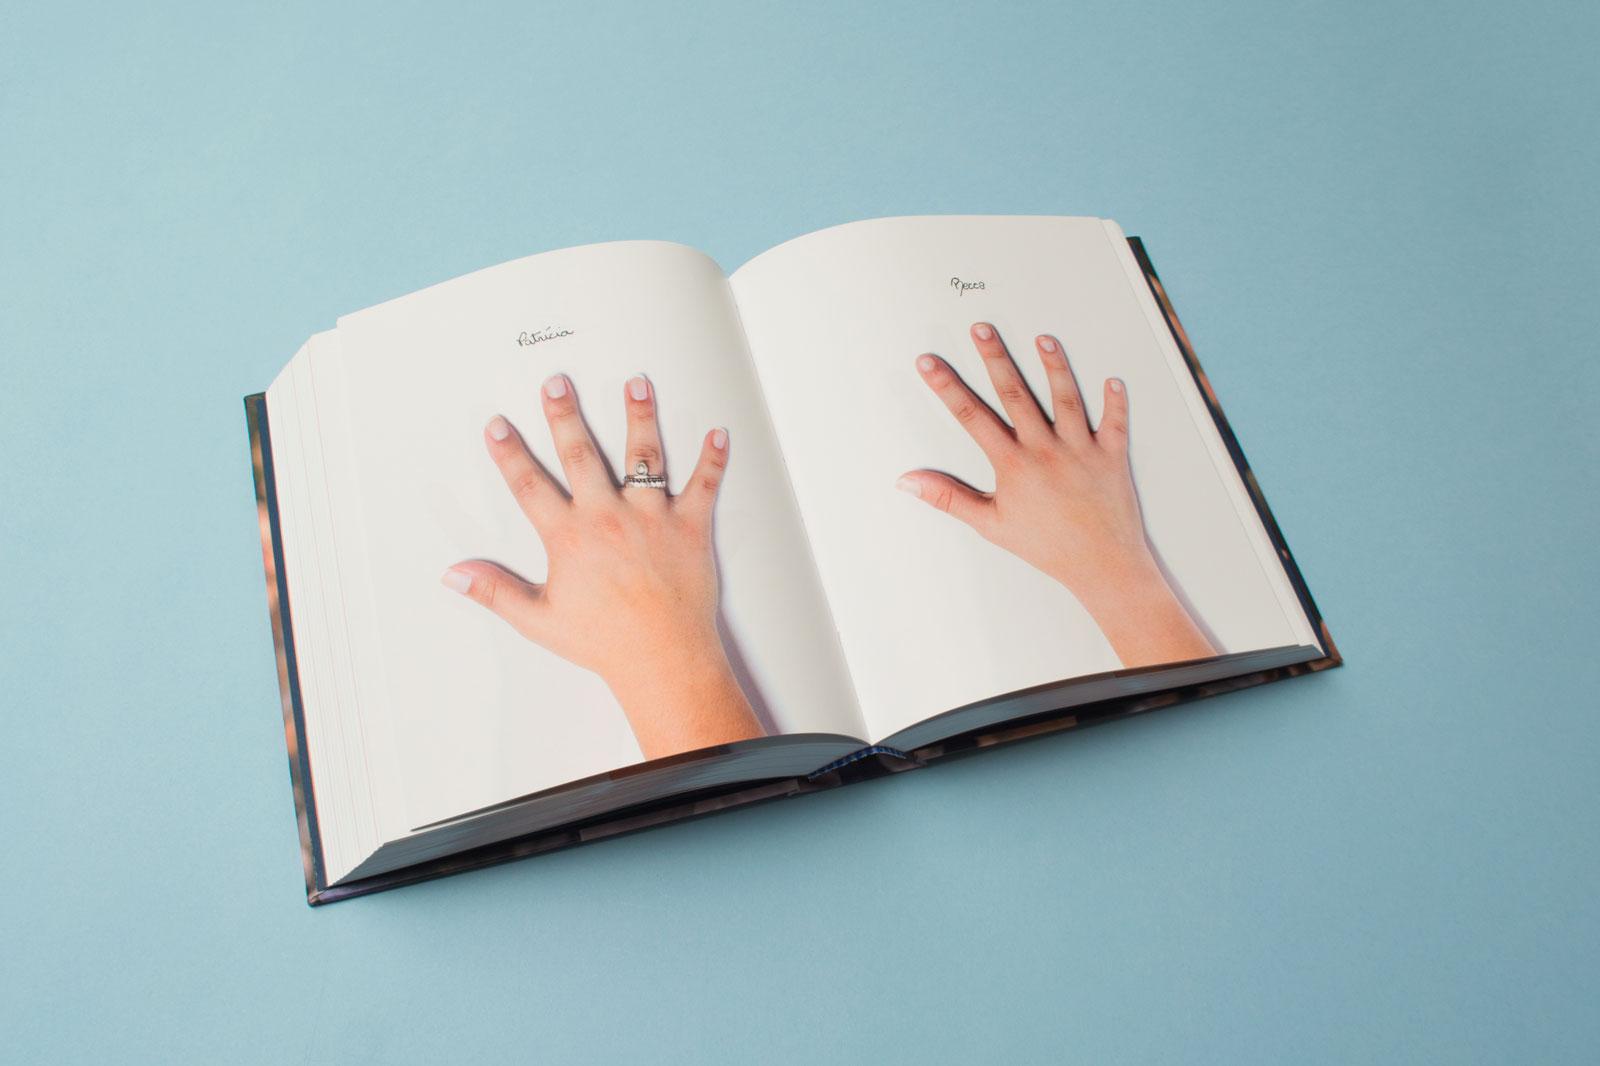 """Dupla de páginas do """"livro de mãos"""" da FLMA, exibindo as mãos de 2 alunos"""